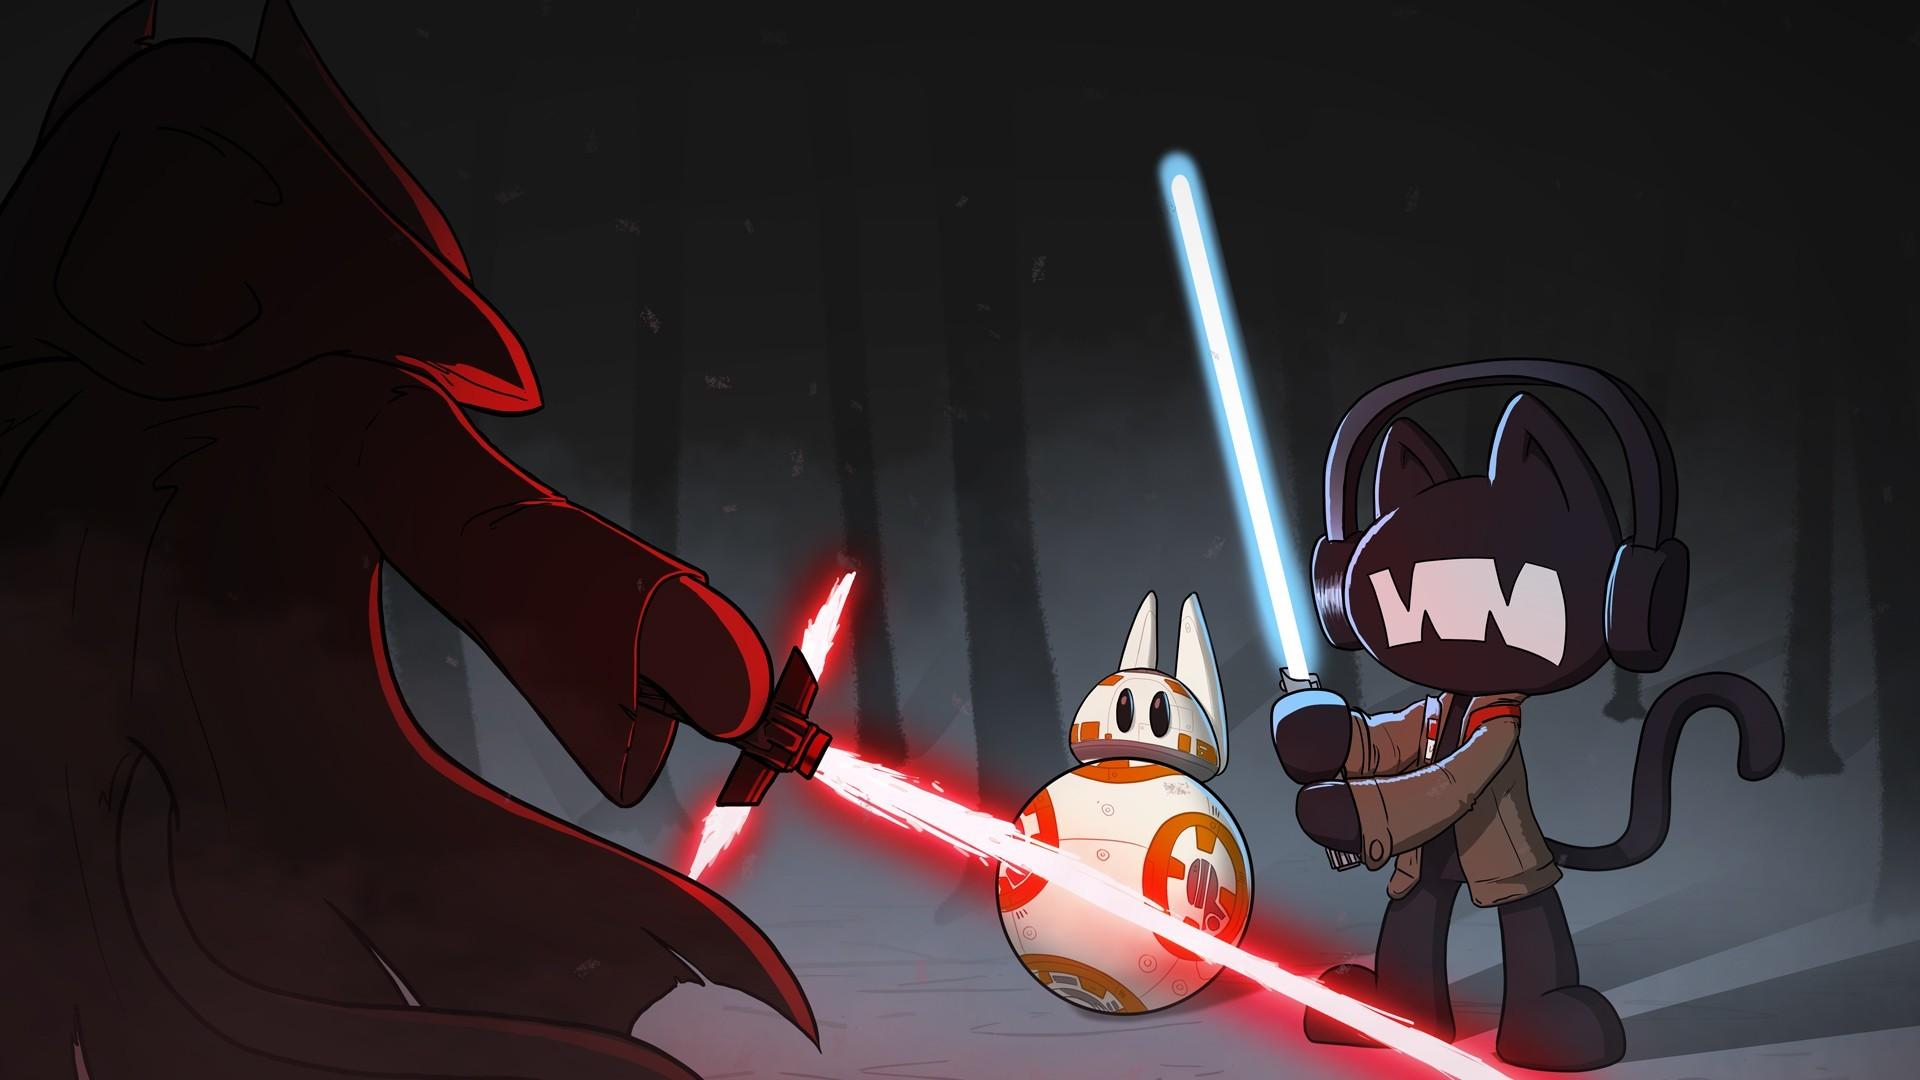 Wallpaper Illustration Anime Cartoon Lightsaber Star Wars